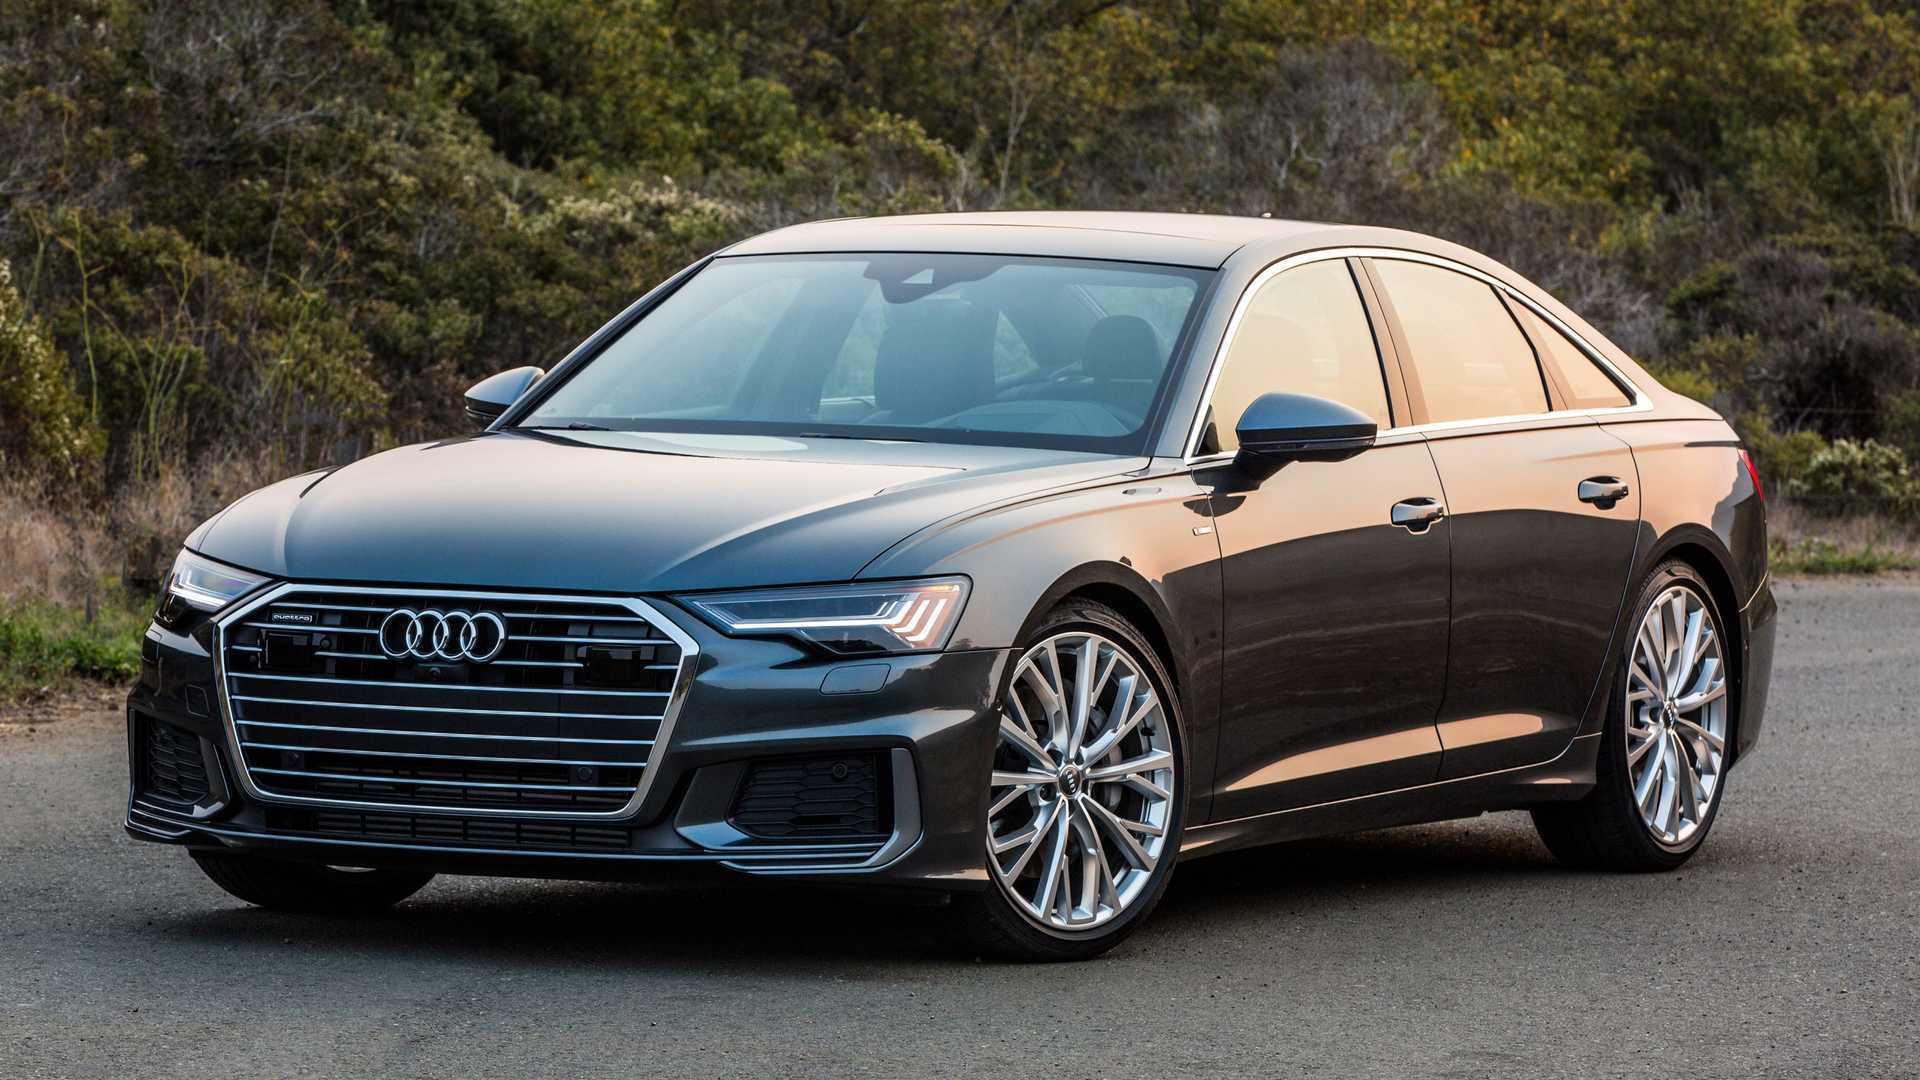 Kekurangan Audi A6 Sedan Tangguh